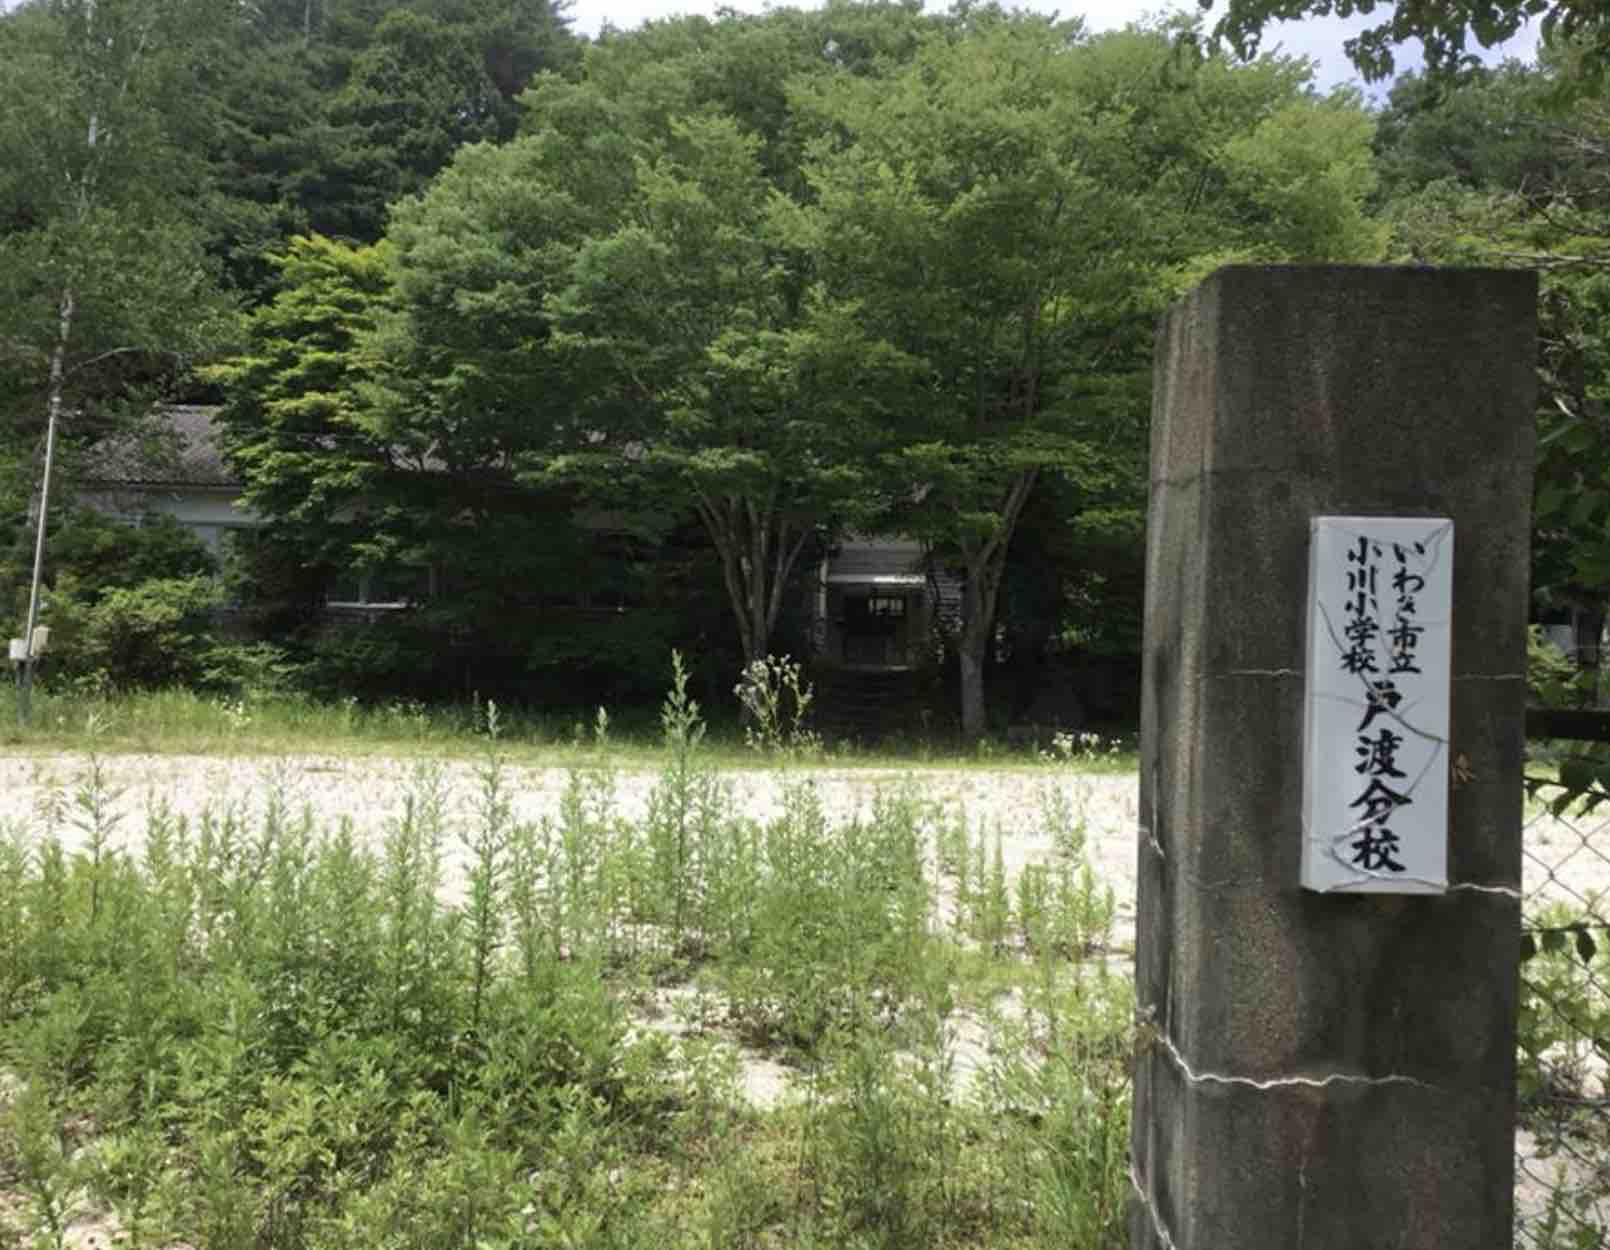 戸渡で阿武隈南部風力発電準備書の説明会_e0068696_737165.jpg